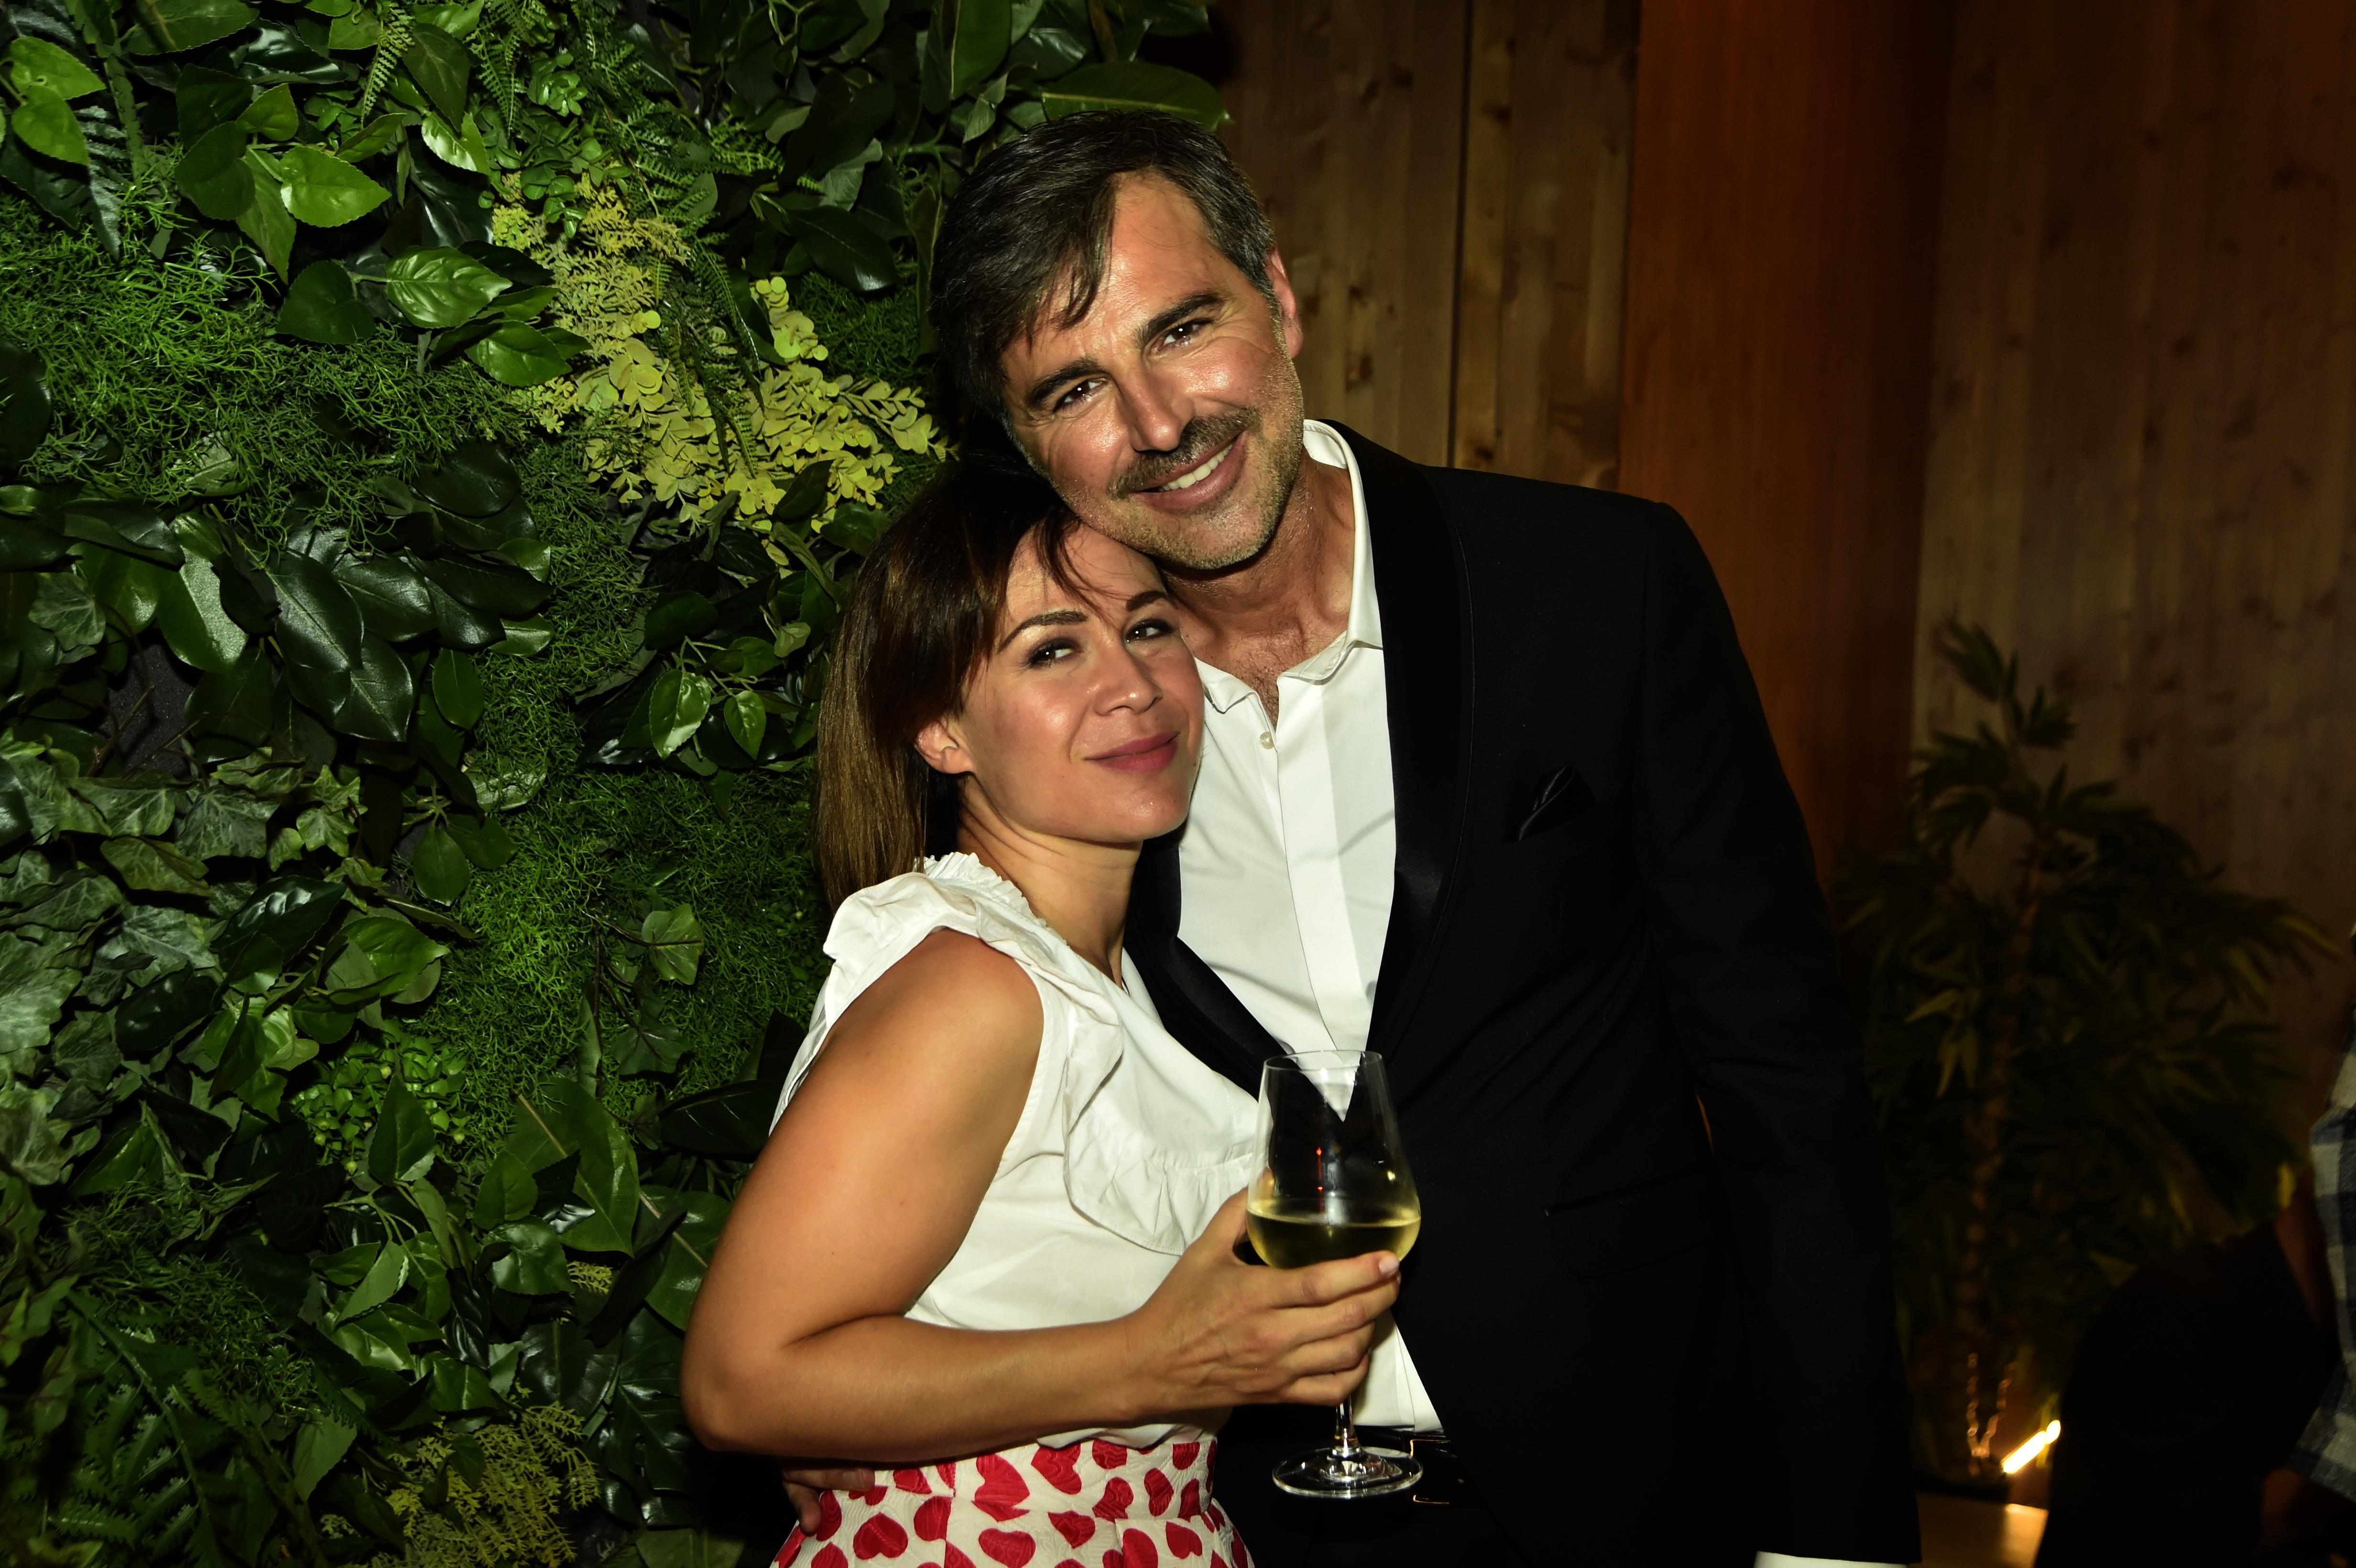 Beppe Convertini e Valeria Graci